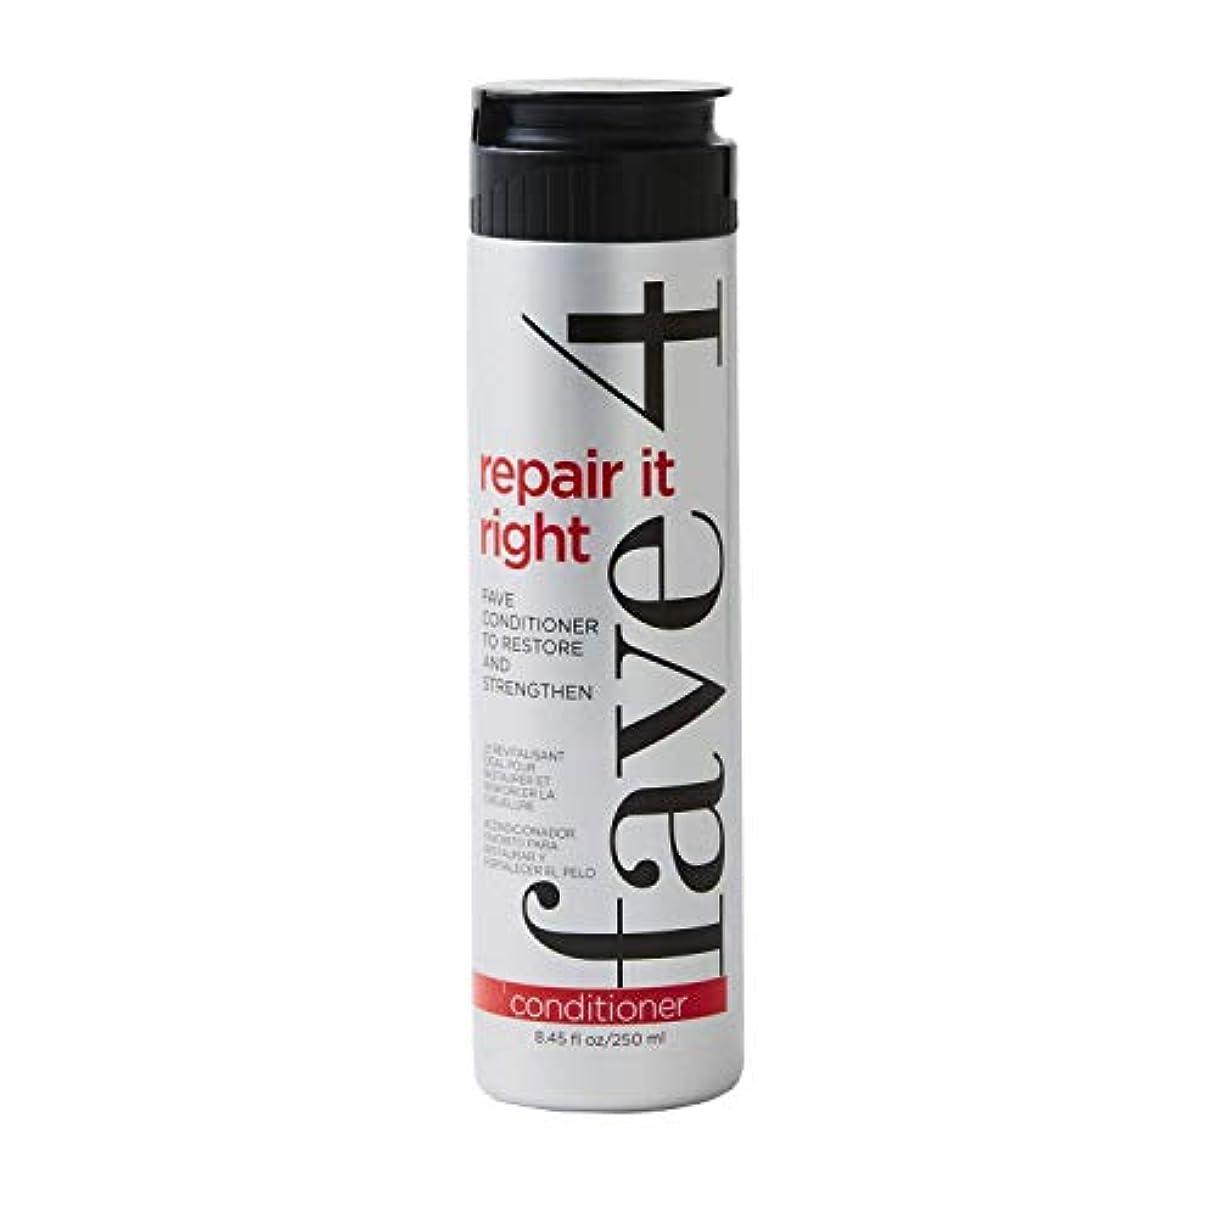 過度の前述の感嘆符fave4 復元し、強化するために右フェイブConditonerそれを修復 - 硫酸塩フリー パラベンフリー グルテンフリー 無添加塩化ナトリウムありません 虐待無料 色処理した毛髪、8.5オンスのための安全な 8.5オンス